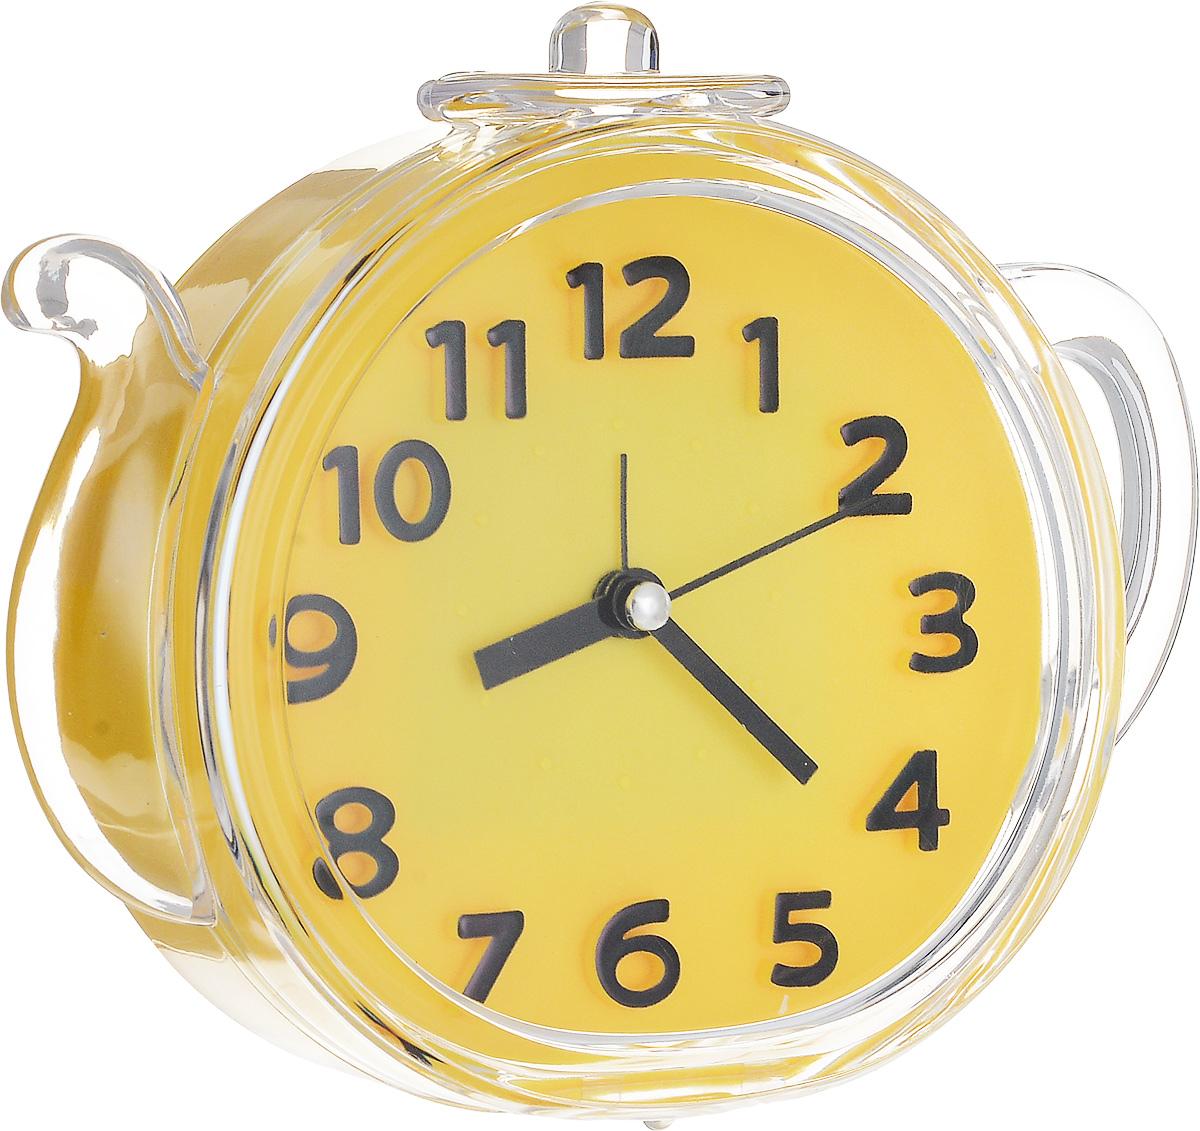 Фото Irit IR-601 электронный будильник. Купить  в РФ